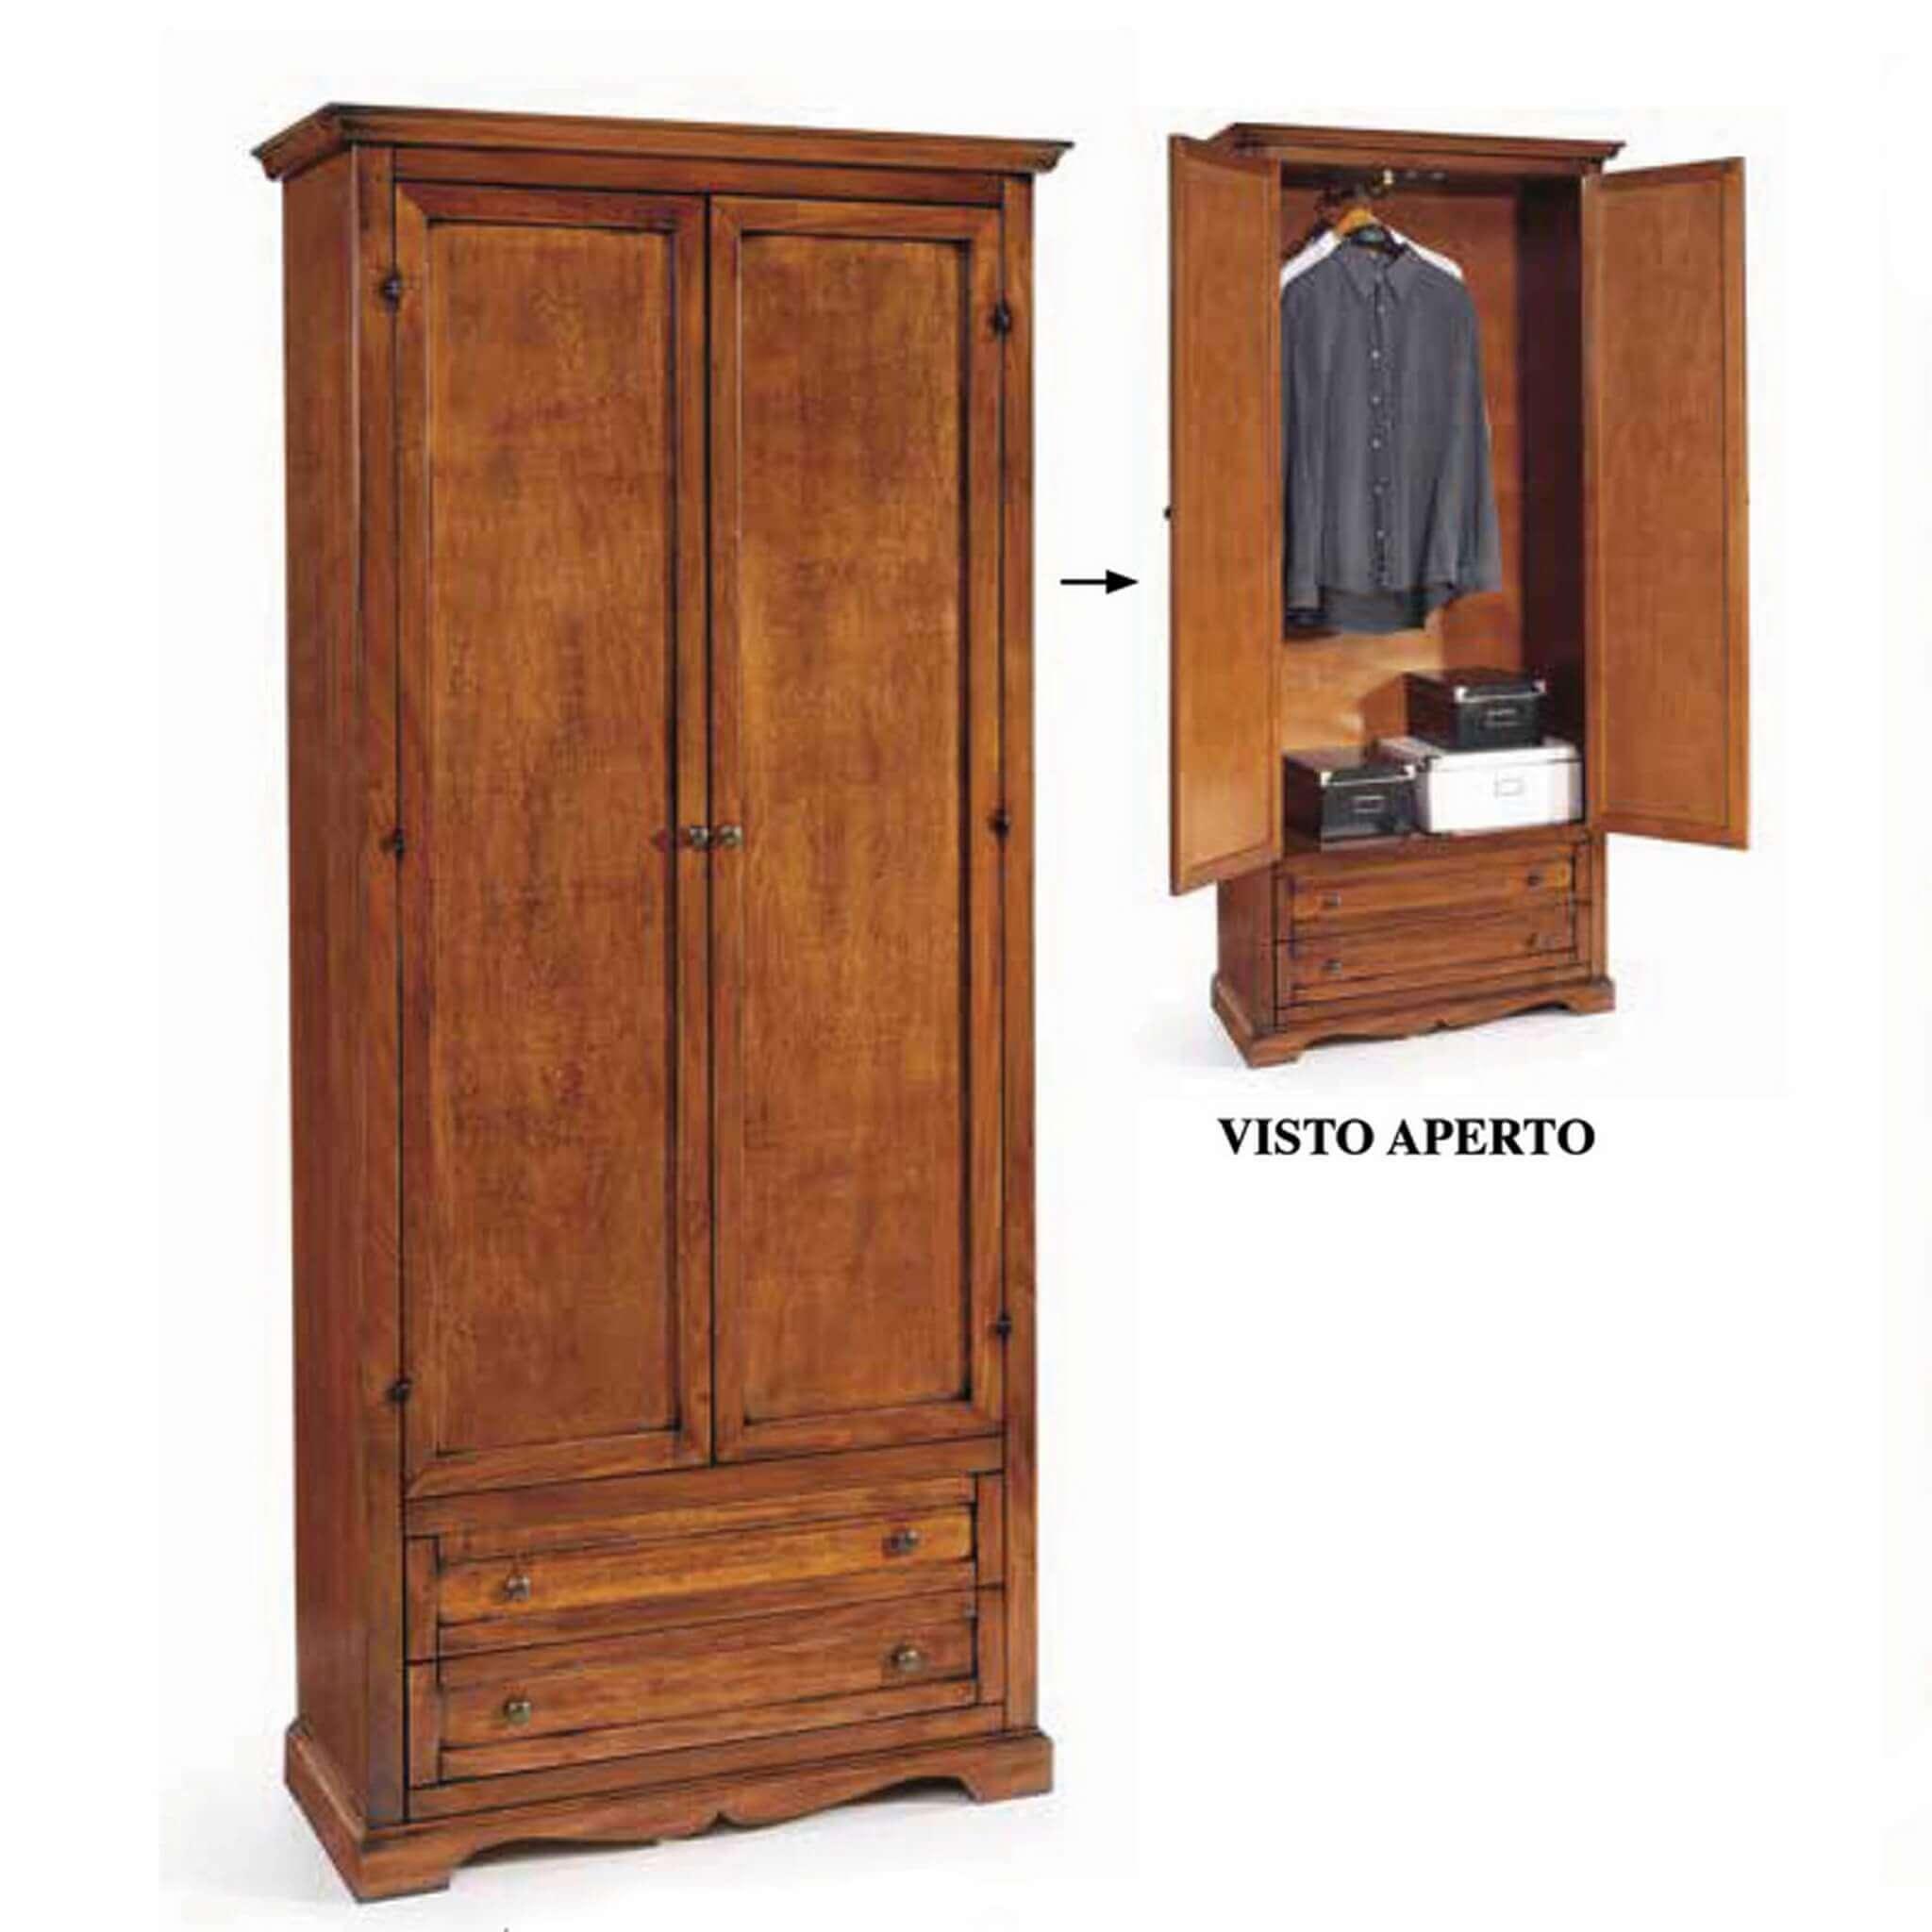 Milani Home CHARLTON - armadio 2 ante in legno massello 87 x 40 x 192